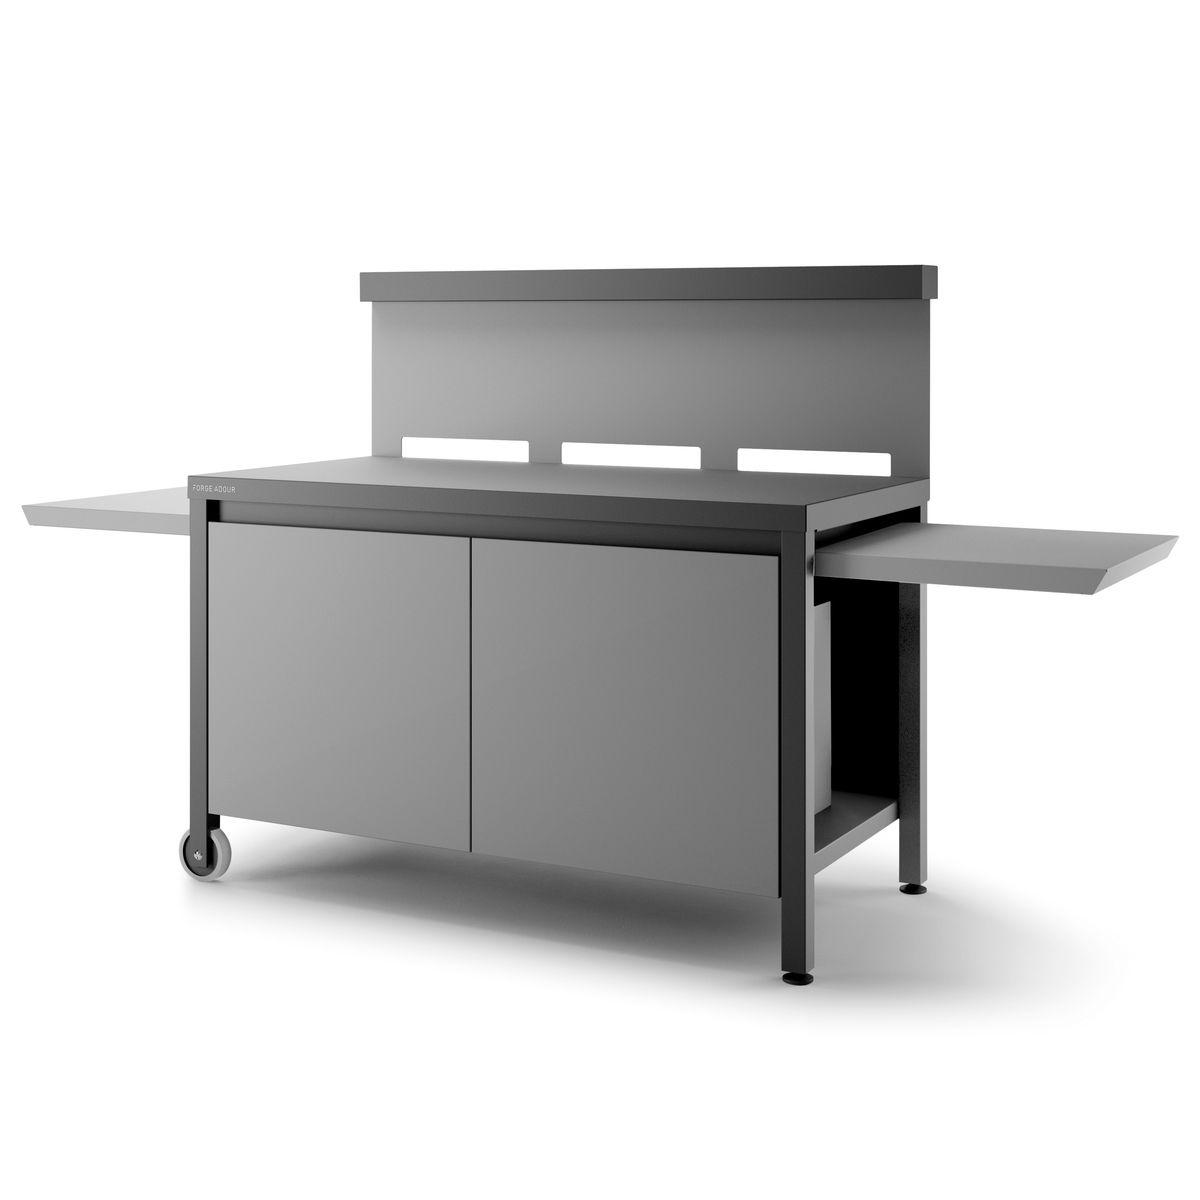 Table roulante crédence acier fermé noire et gris clair mat pour plancha - Forge Adour